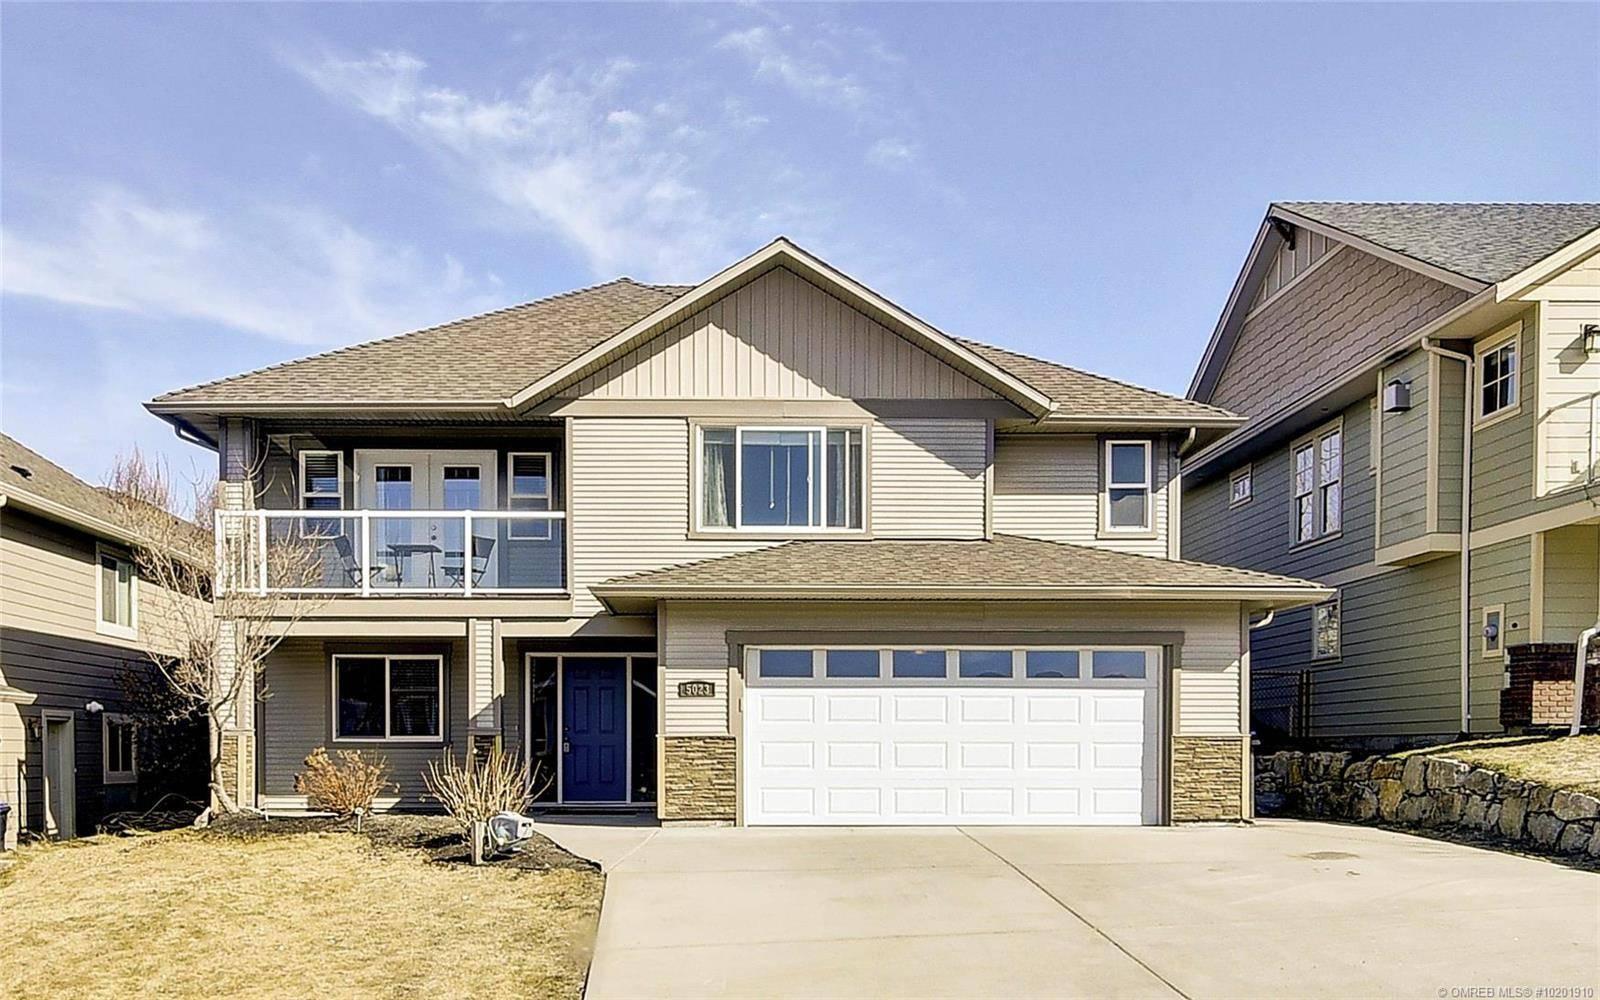 House for sale at 5023 Seon Cres Kelowna British Columbia - MLS: 10201910